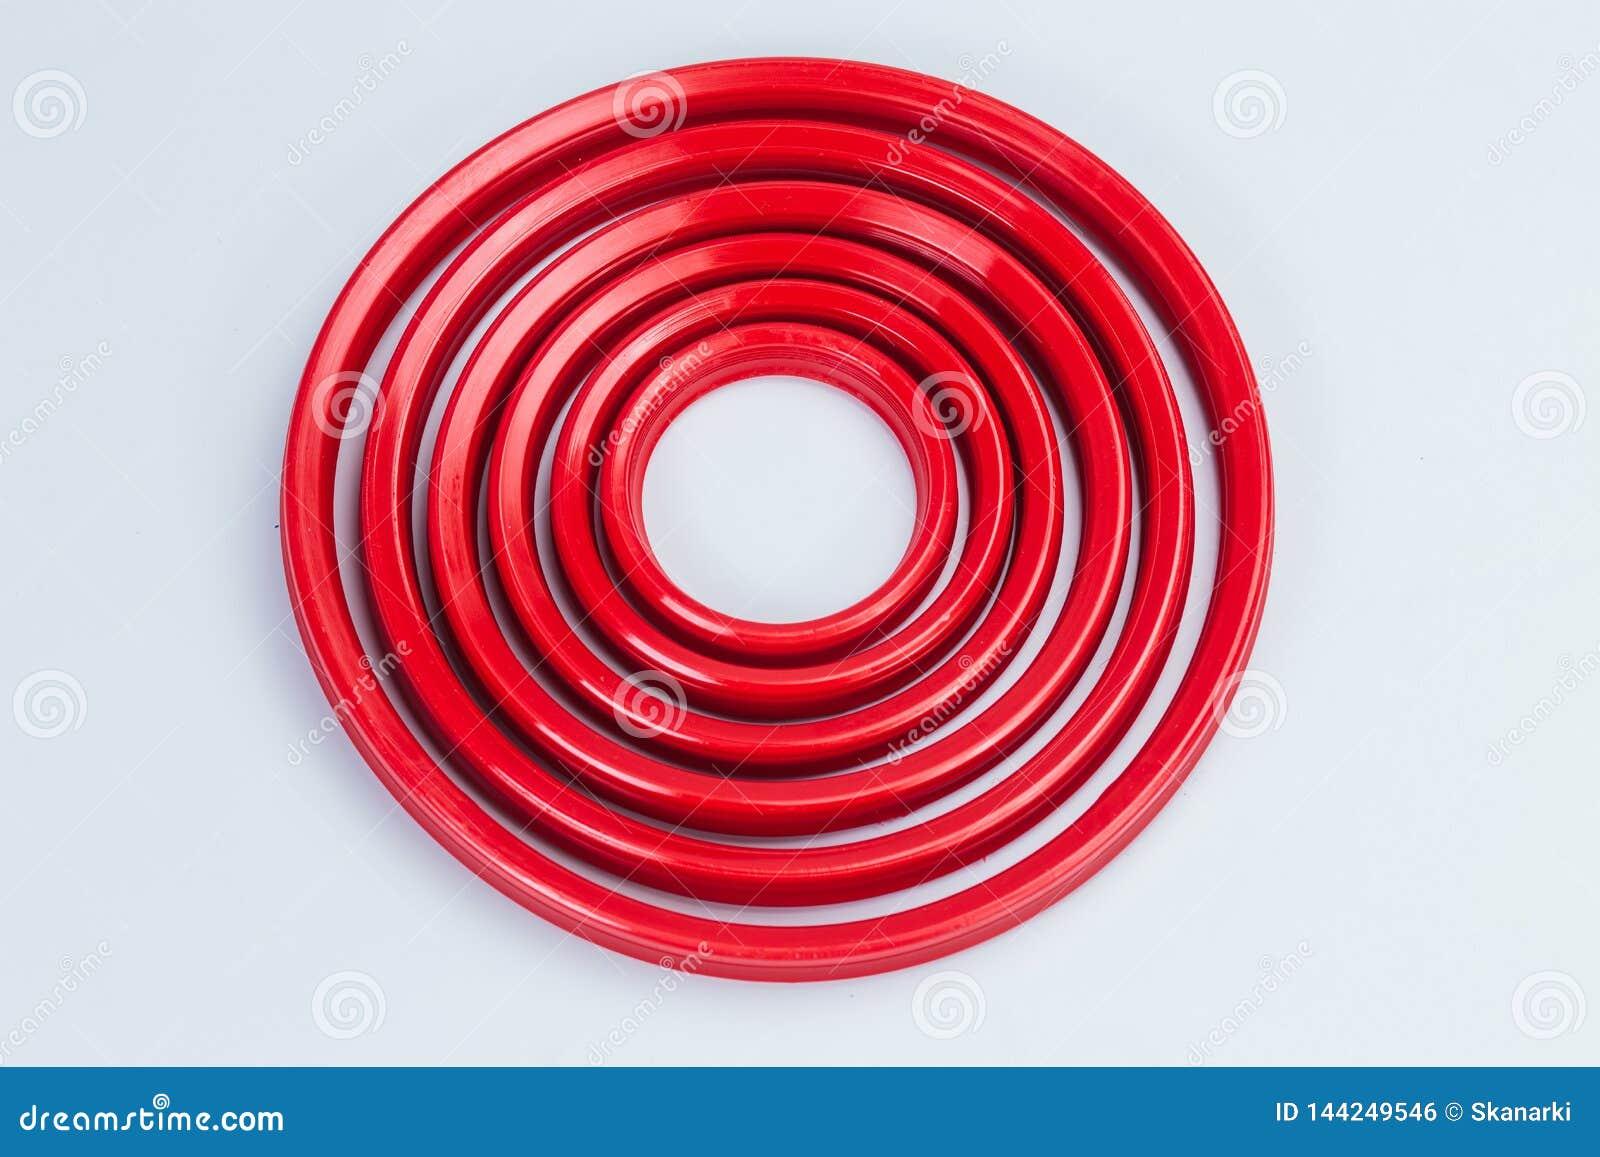 Compaction Hydraulische cilinder Verbindingen, verzegelende ringen Wissers, gidsringen, beschermende ringen polyurethaan